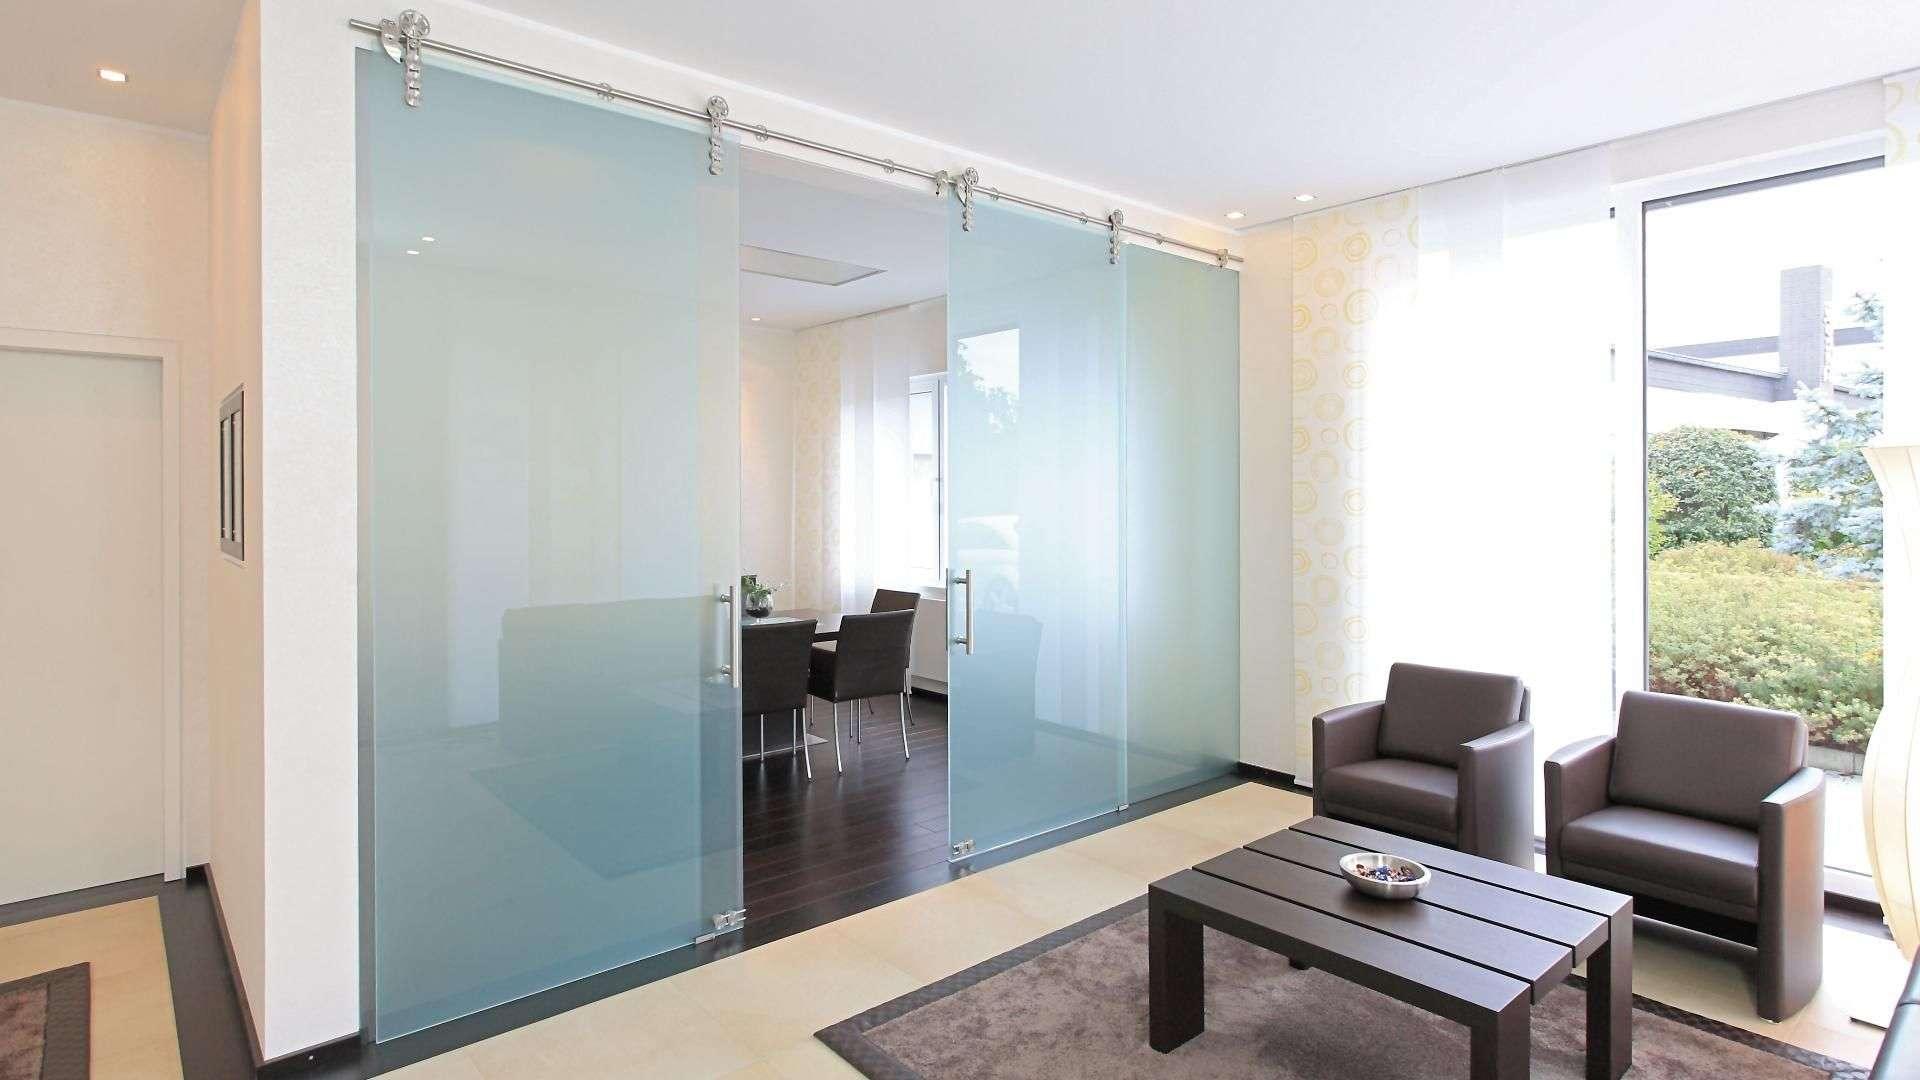 Schiebetür aus Glas zwischen Wohn- und Arbeitszimmer